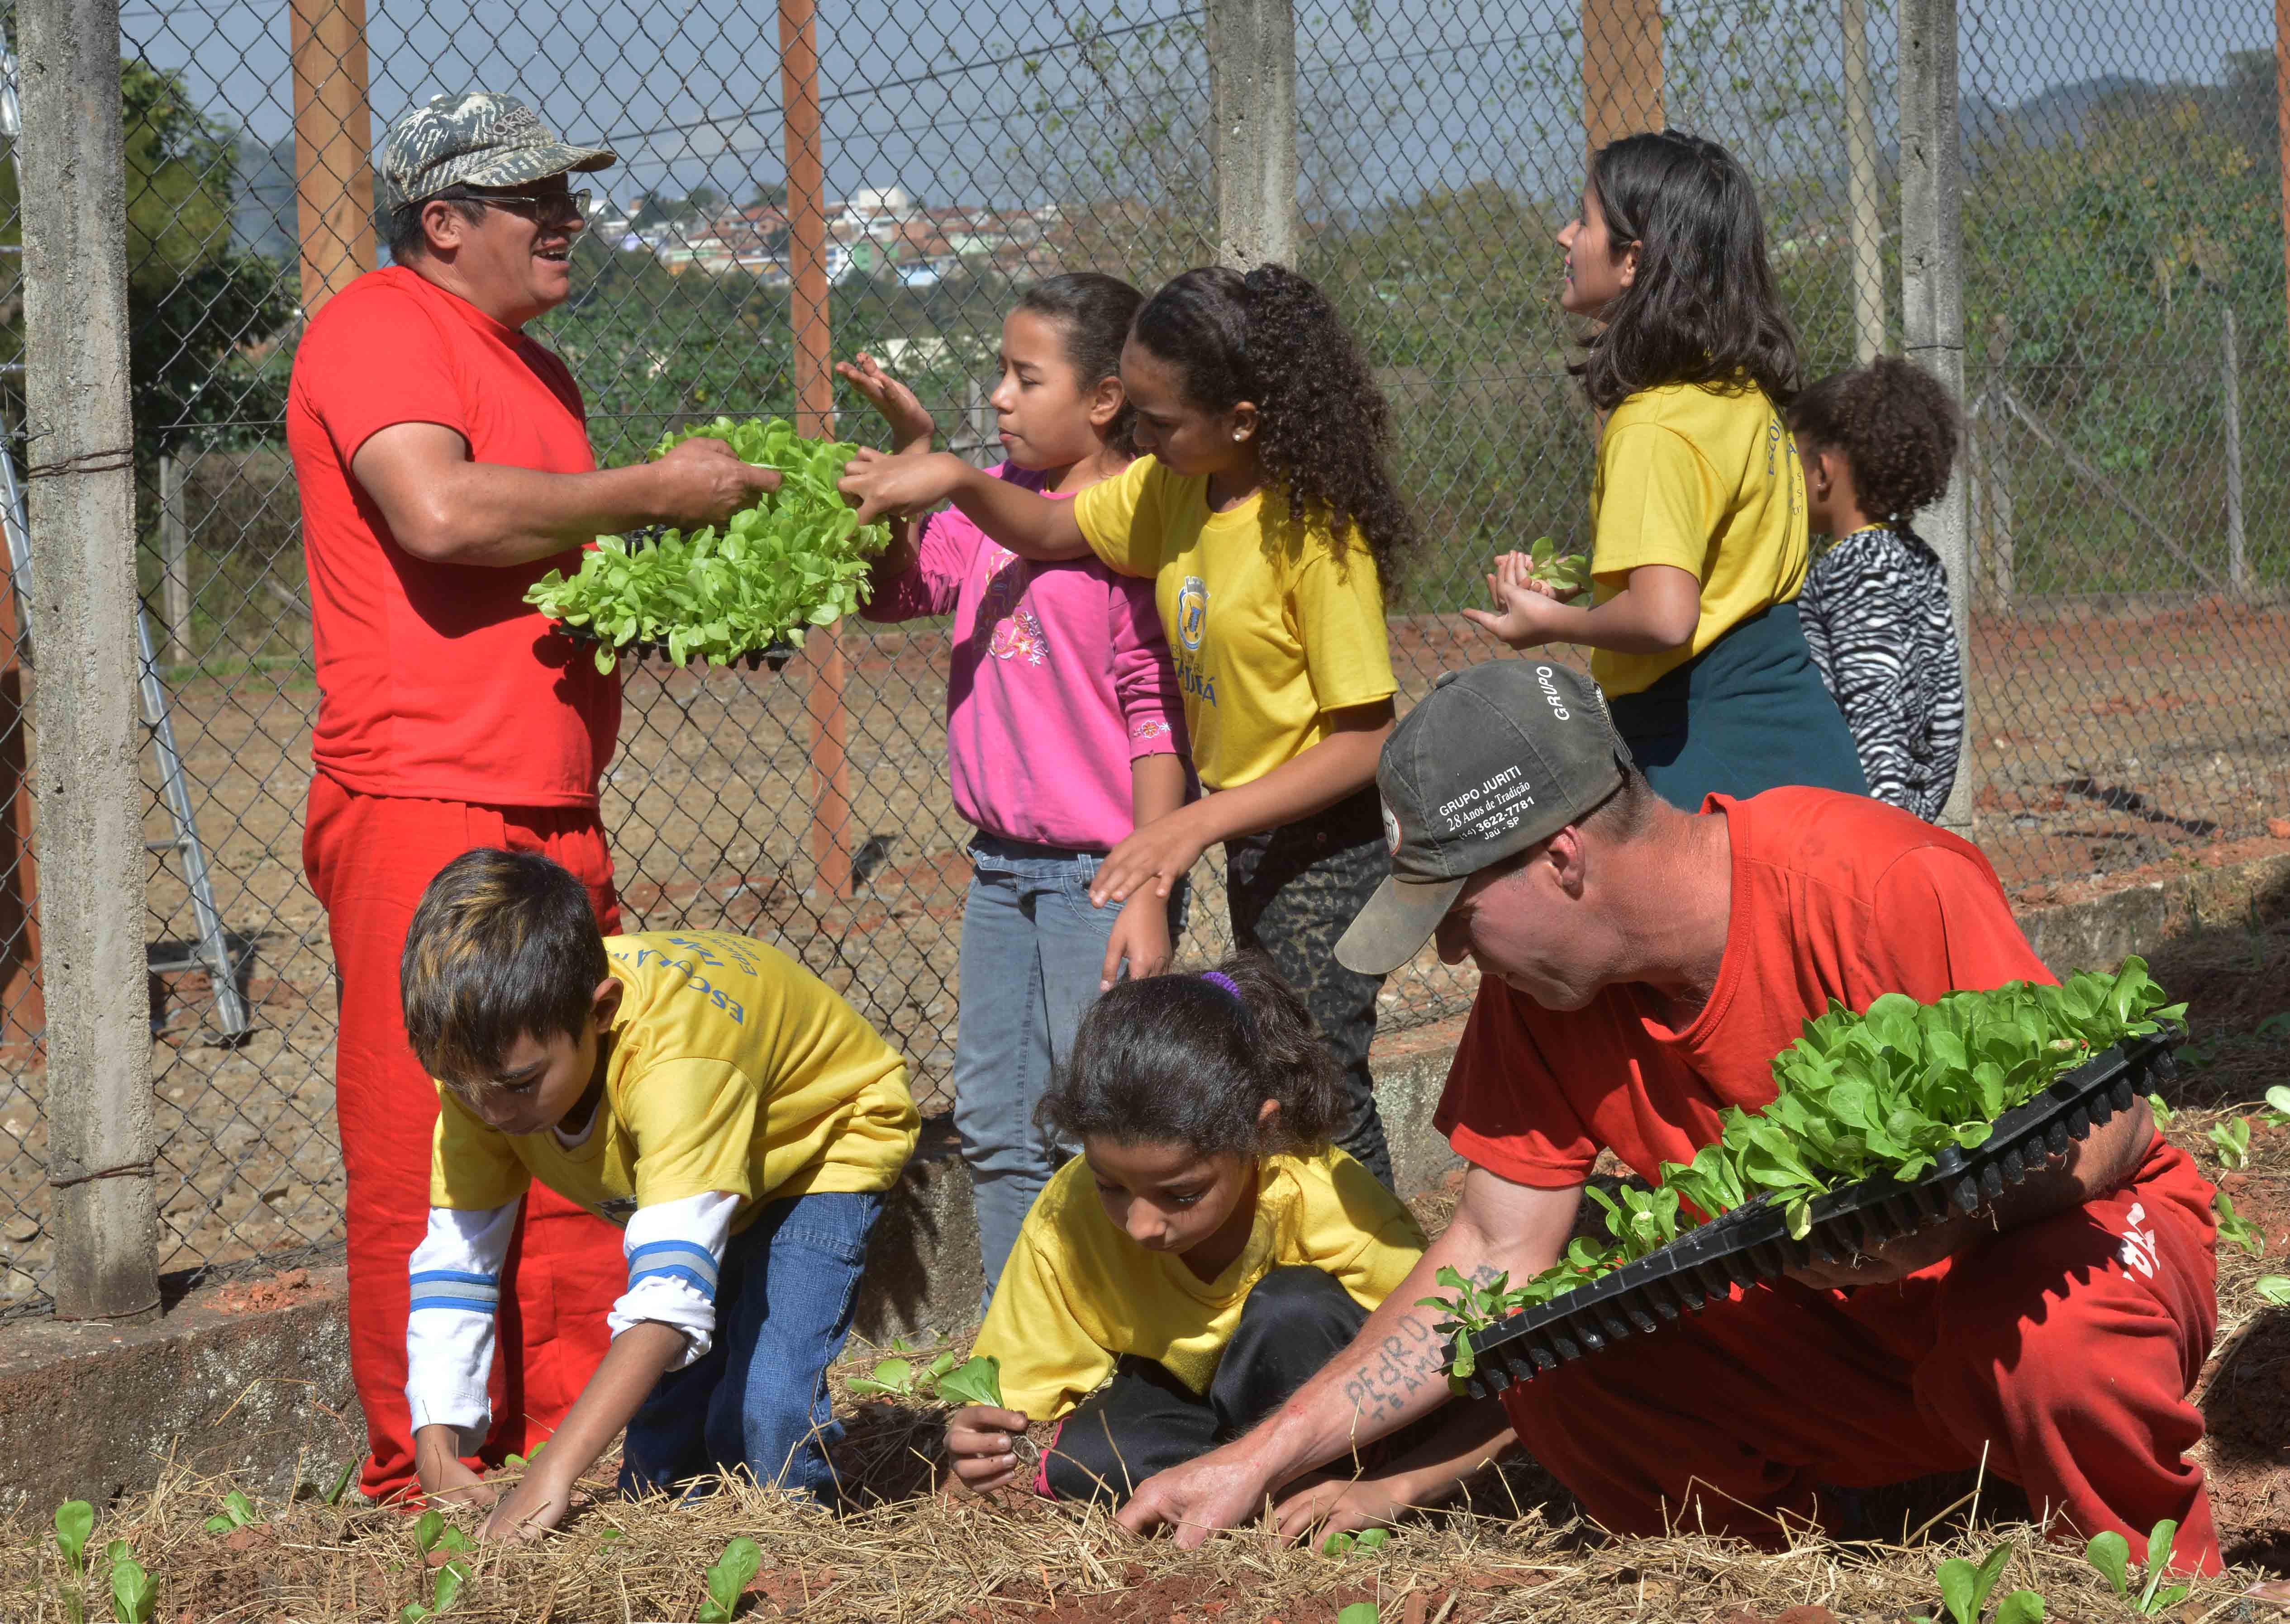 Detentos transformam áreas abandonadas em hortas orgânicas em MG